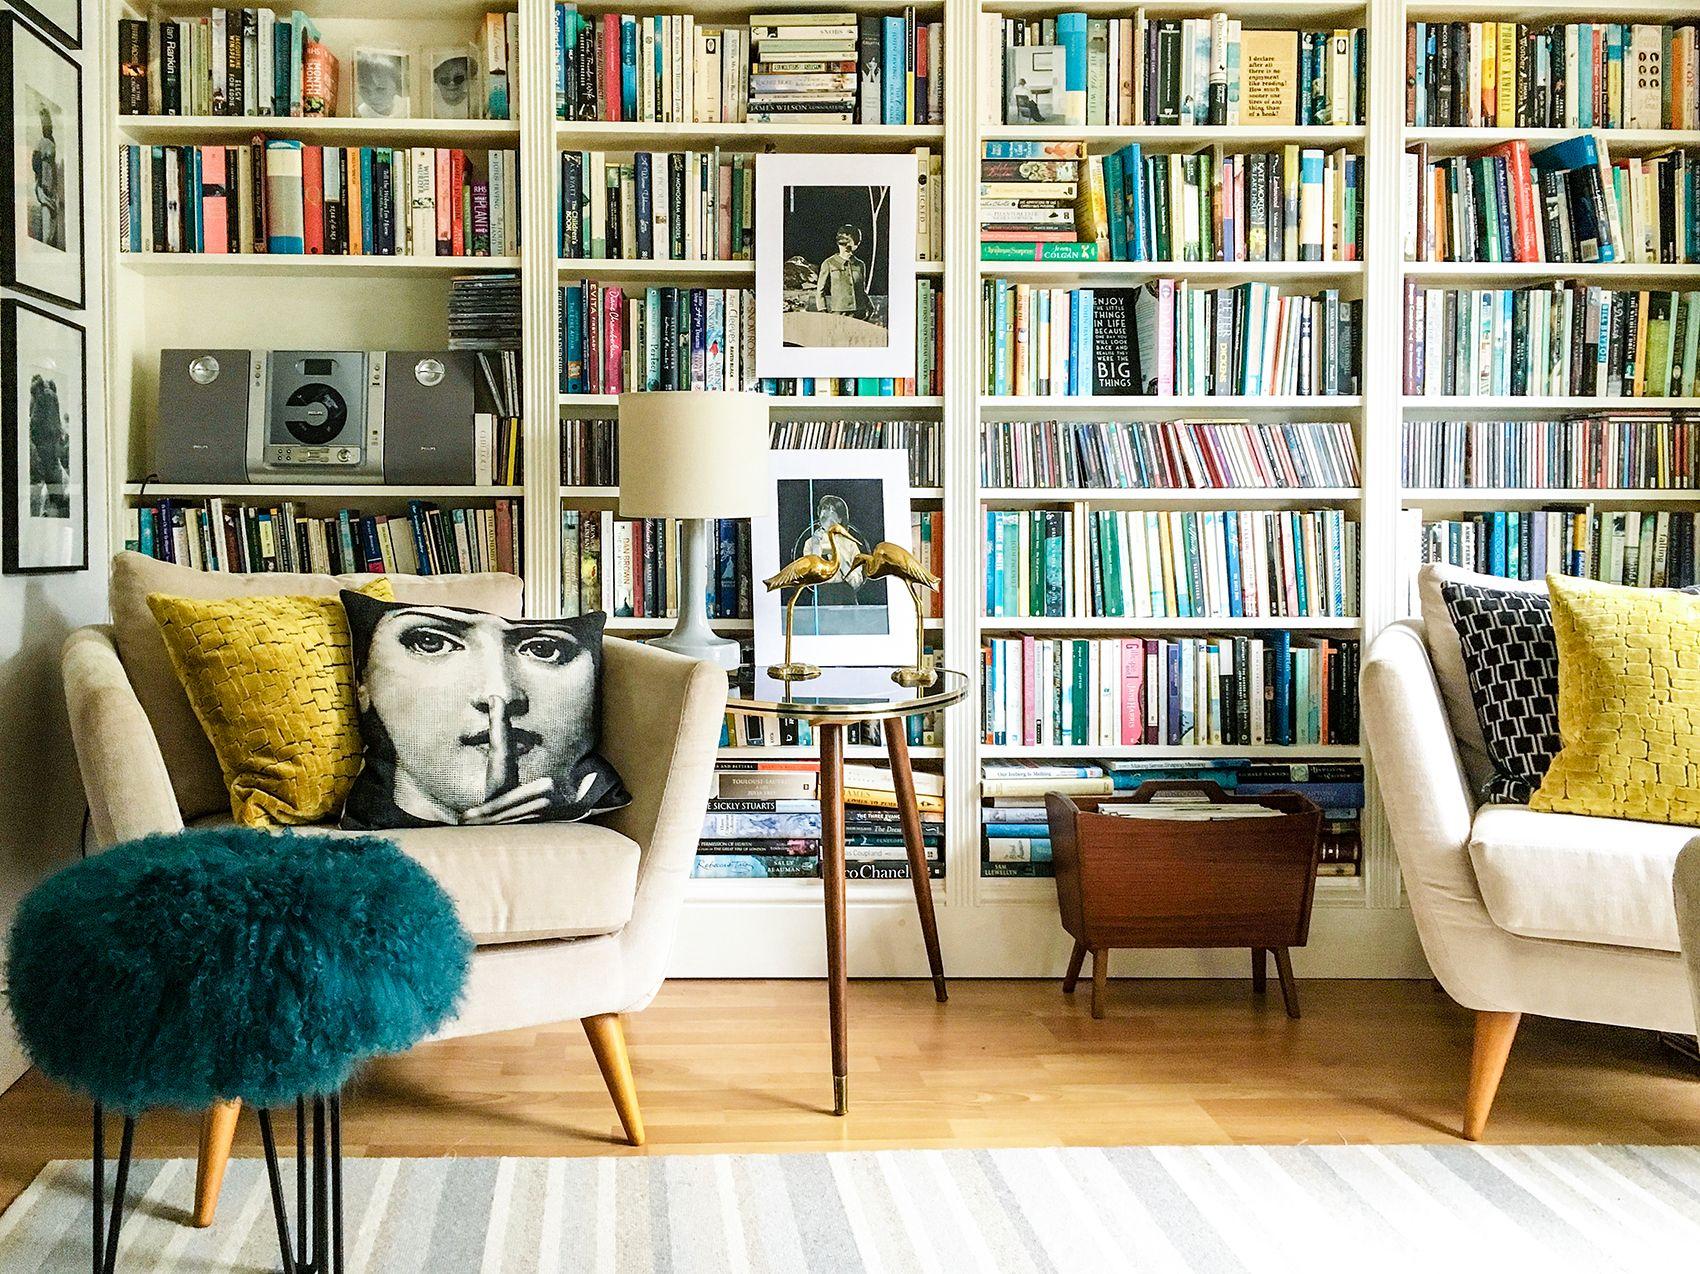 A Bristol England Home for a Book